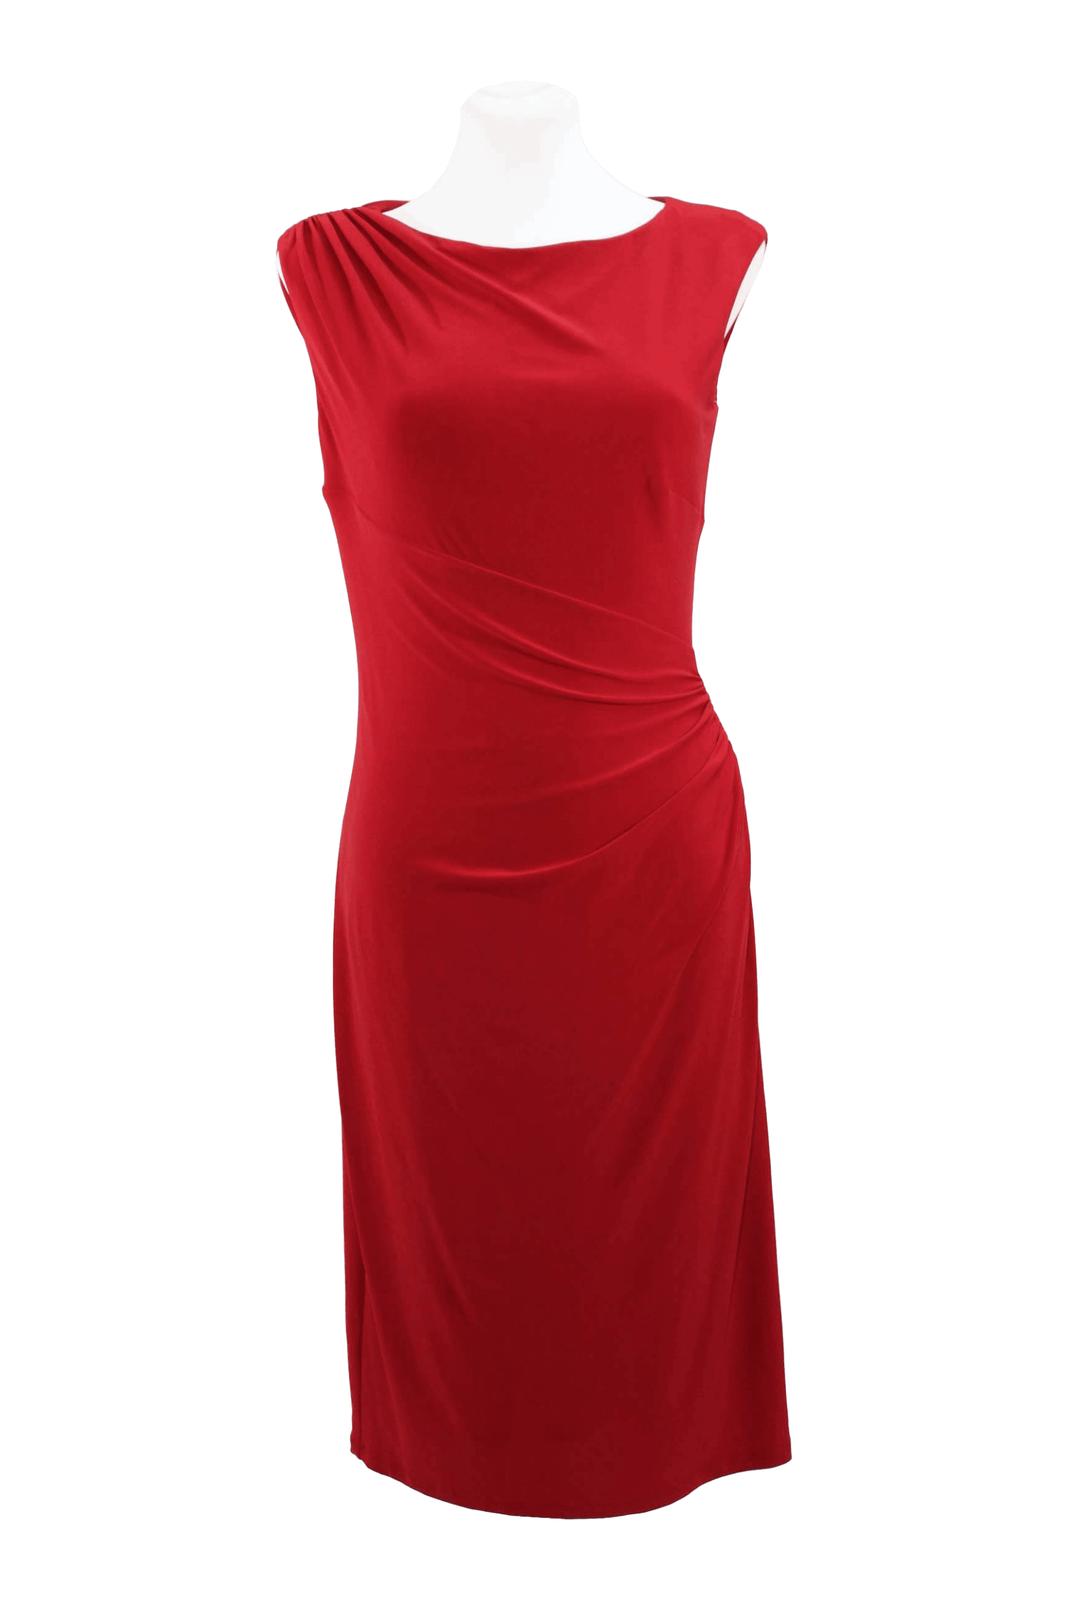 Vestido Ralph Lauren vestido las señoras vestido de Cóctel tamaño  32 (XXS) rojo  nuevo .  solo para ti